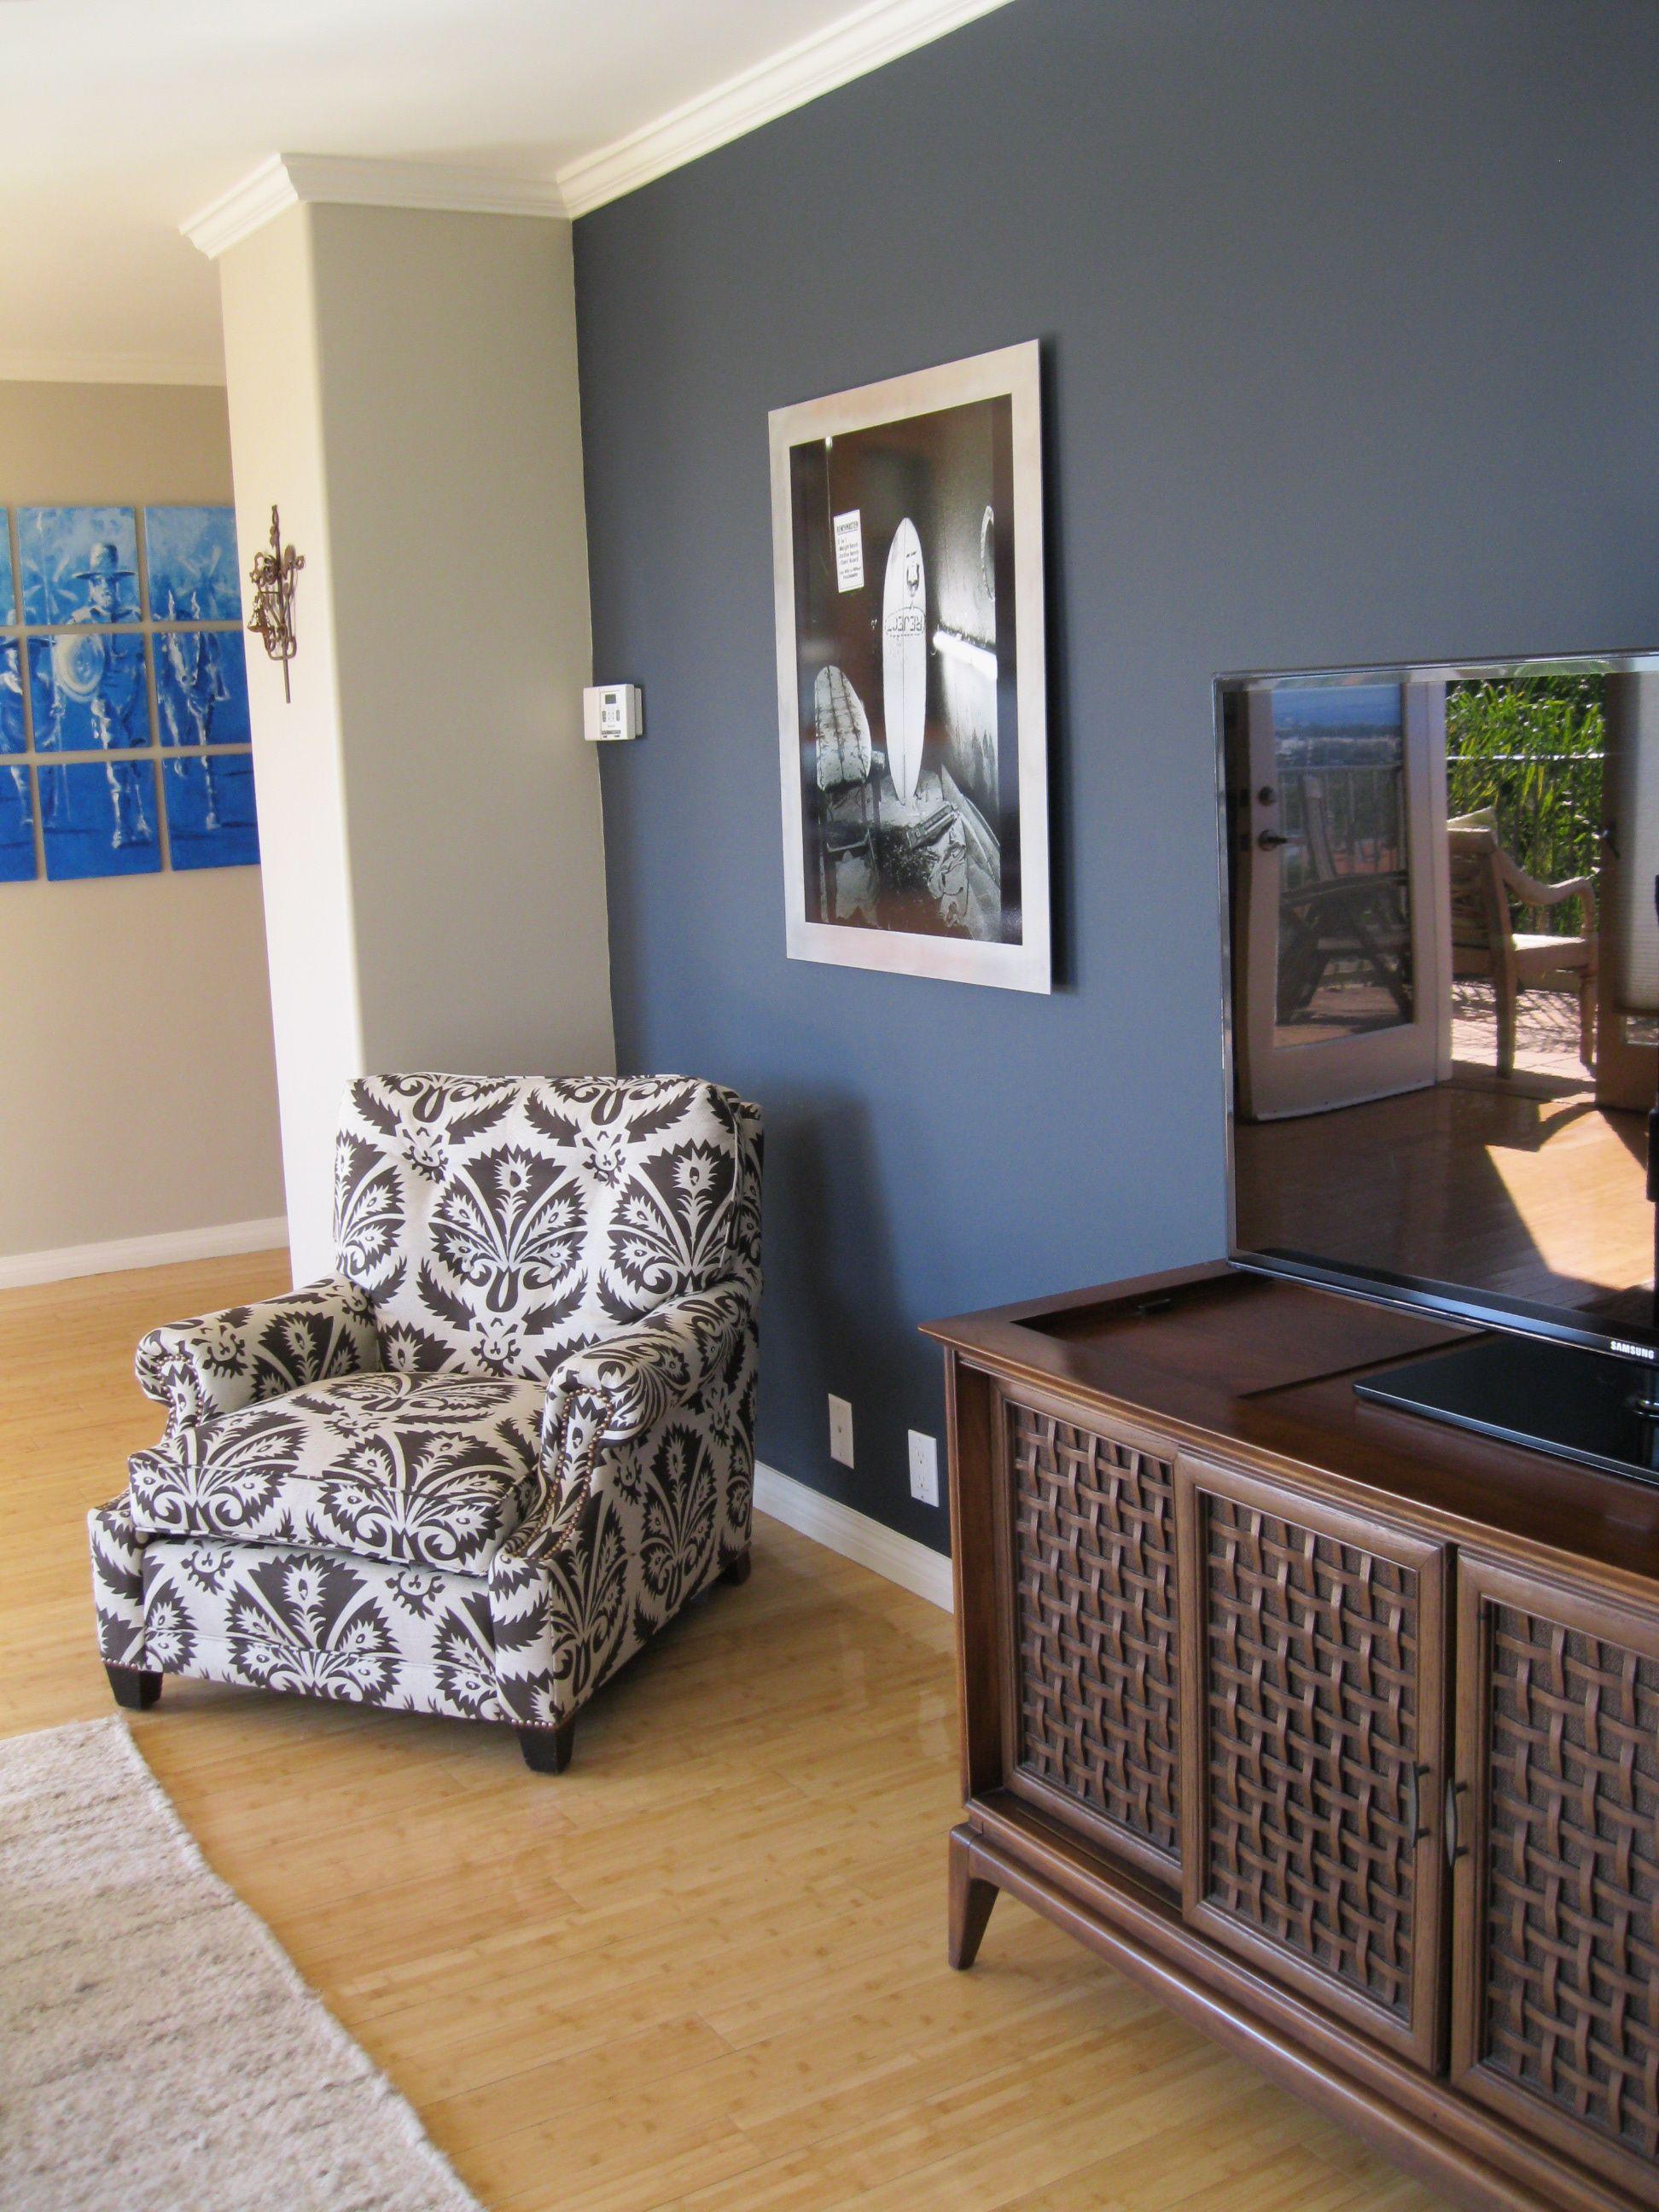 Welche Farbe Geht Mit Beige Kleid Marine Blau Und Braun Wohnzimmer Blau Deckbett Satze Walmart Navy B Braunes Wohnzimmer Blaues Wohnzimmer Wandfarbe Wohnzimmer